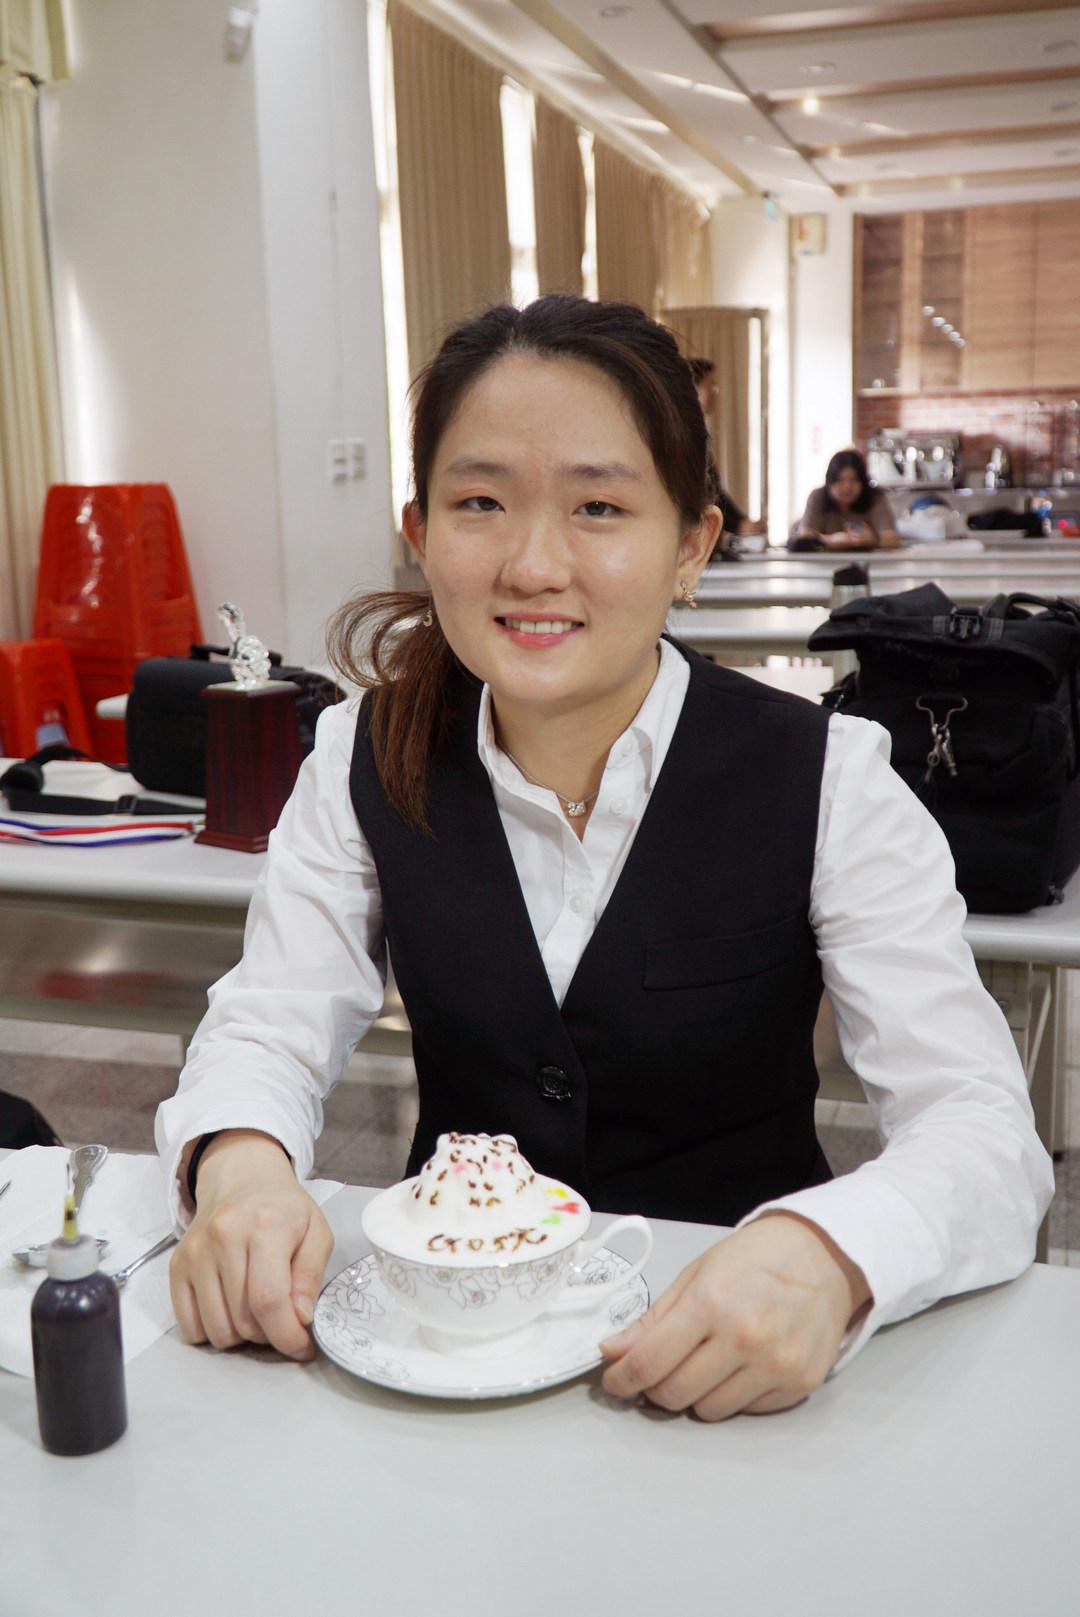 大葉大學烘焙學程  咖啡拉花比賽佳績頻傳-大葉大學